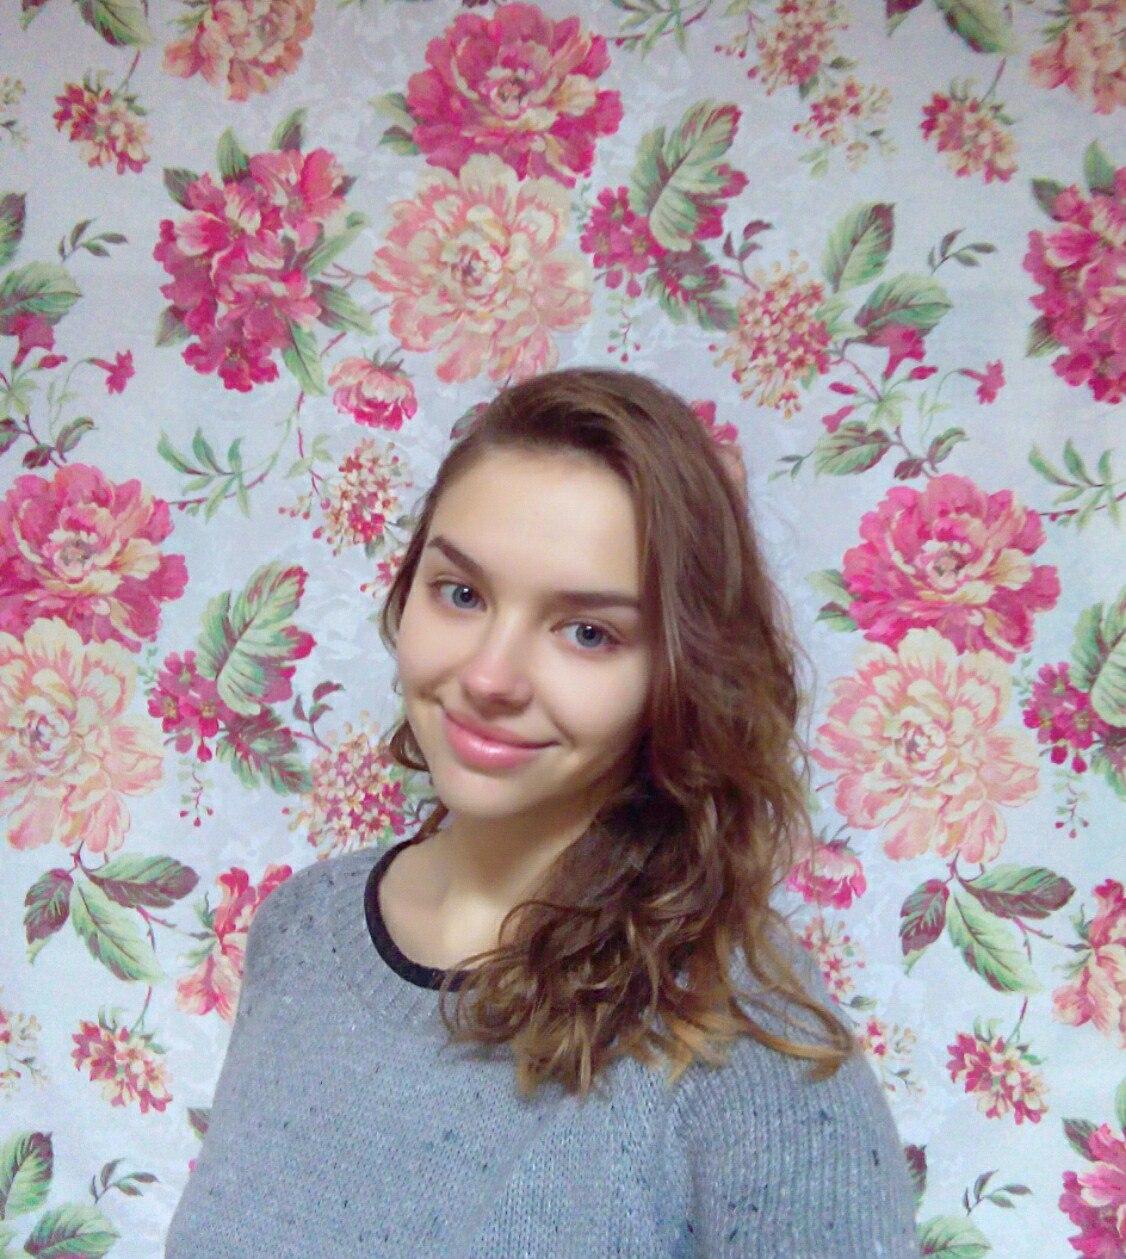 fot. Olesia Voitsekhovska